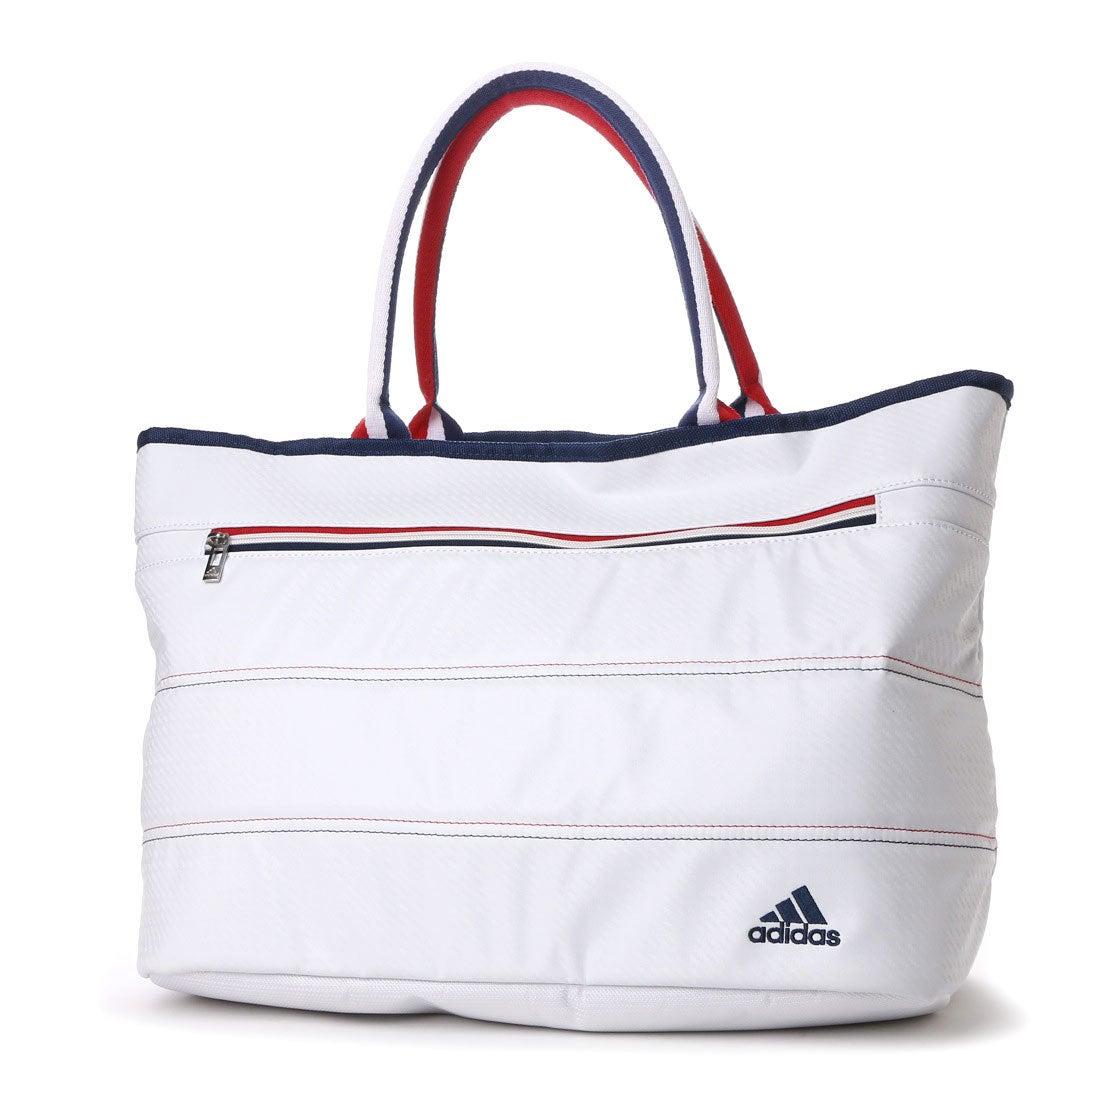 アディダス adidas レディース ゴルフ ボストンバッグ ウィメンズ トートバッグ 2 A42062